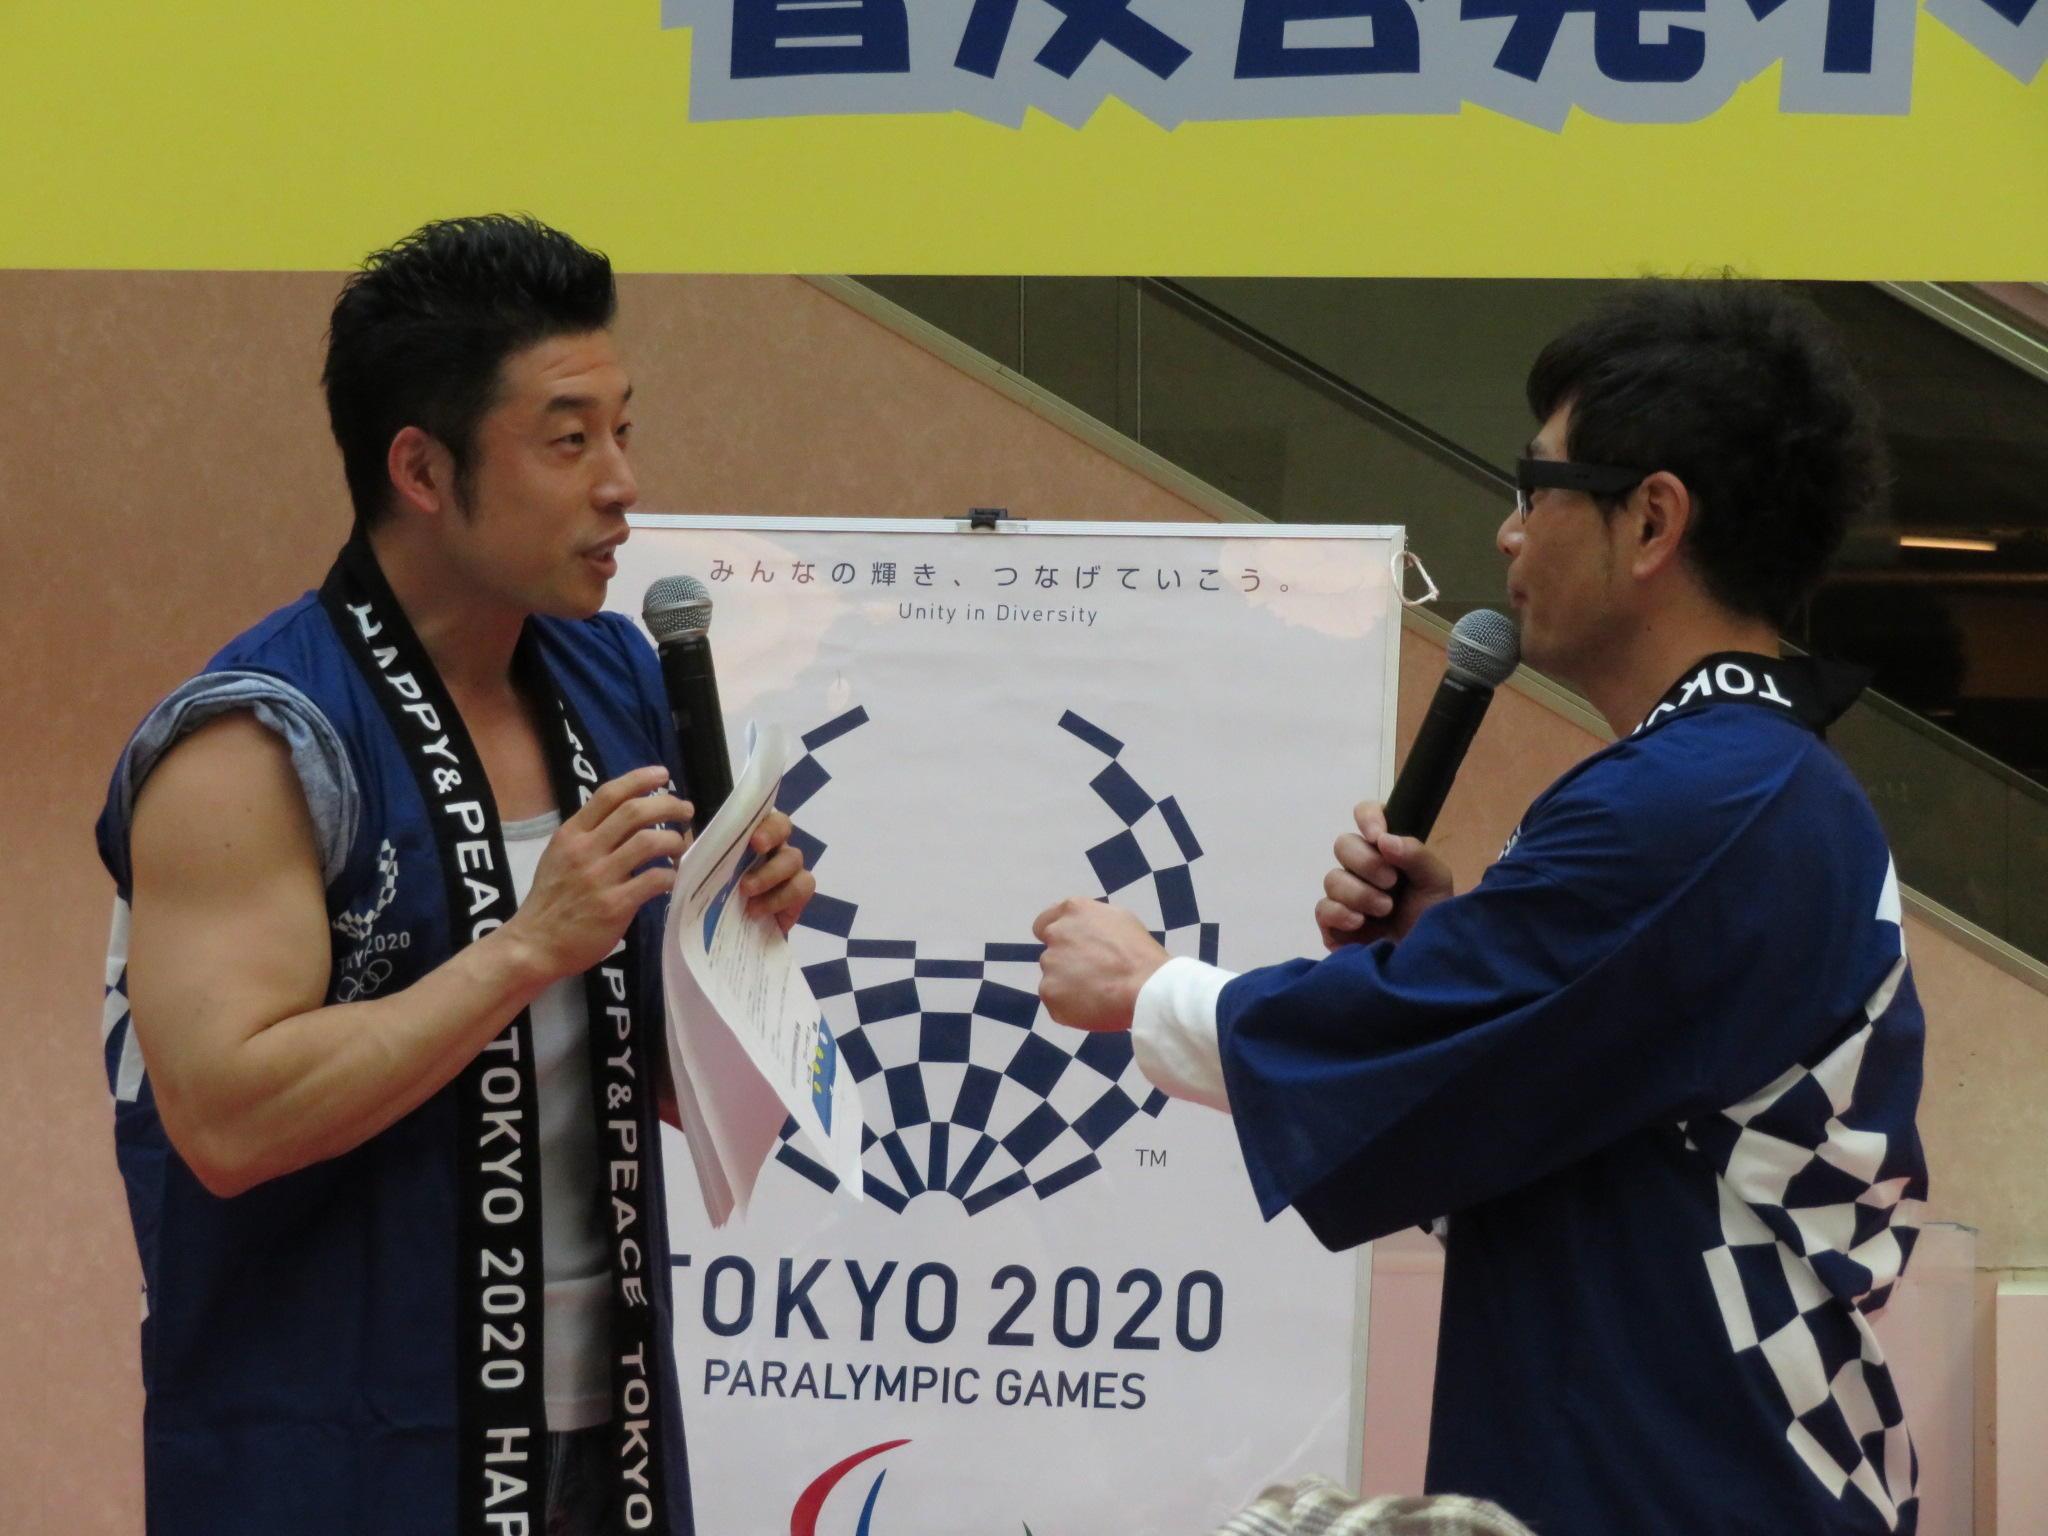 http://news.yoshimoto.co.jp/20180206131318-2831bded0132b6cb5a809380d1967ae3876944e2.jpg